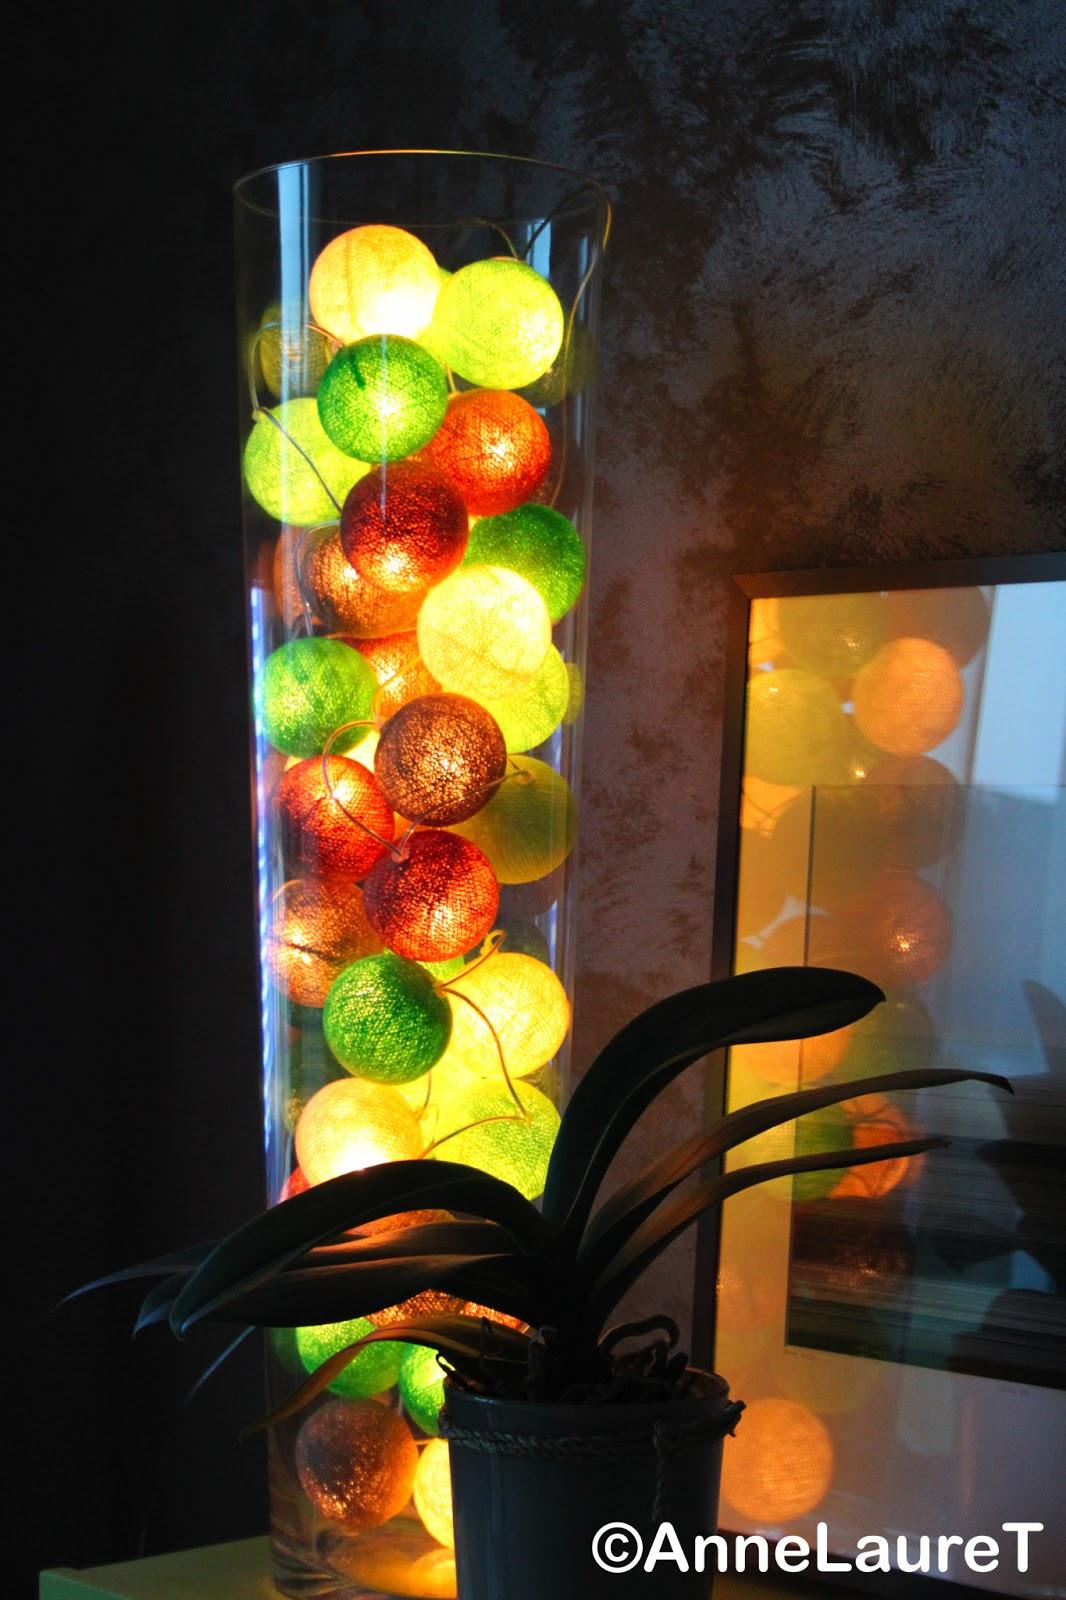 quant moi jai dj des tonnes dides dautres endroits de la maison o installer ces grappes de boules de coton color guirlande offerte - Guirlande Boules Colores